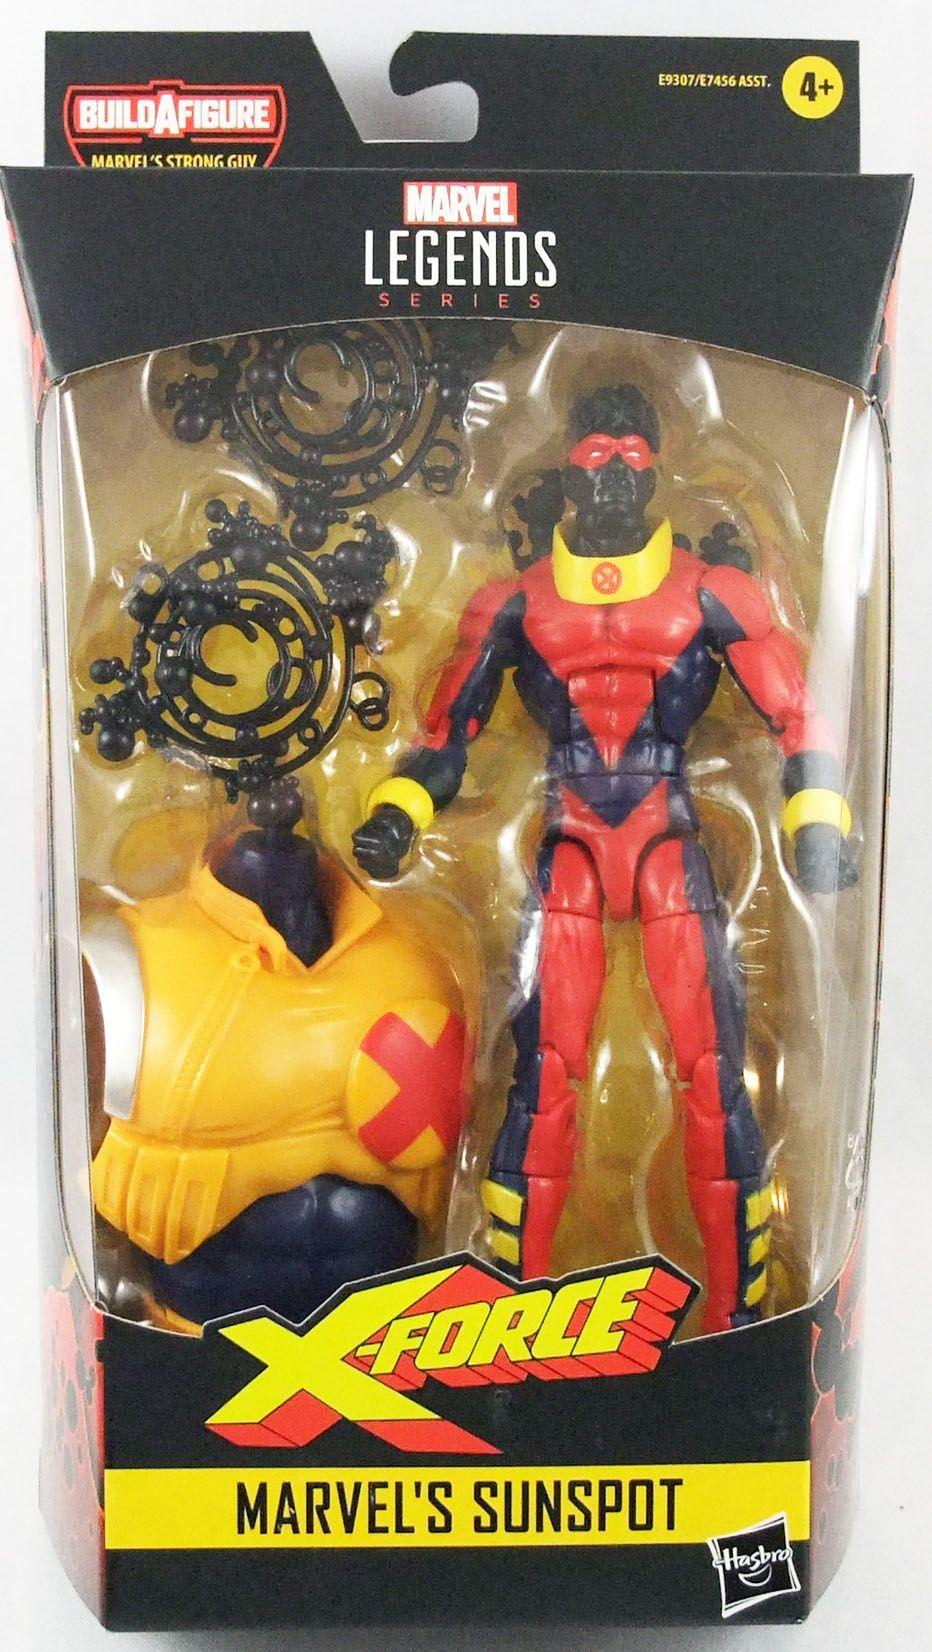 Marvel Legends - Sunspot - Serie Hasbro (Strong Guy)